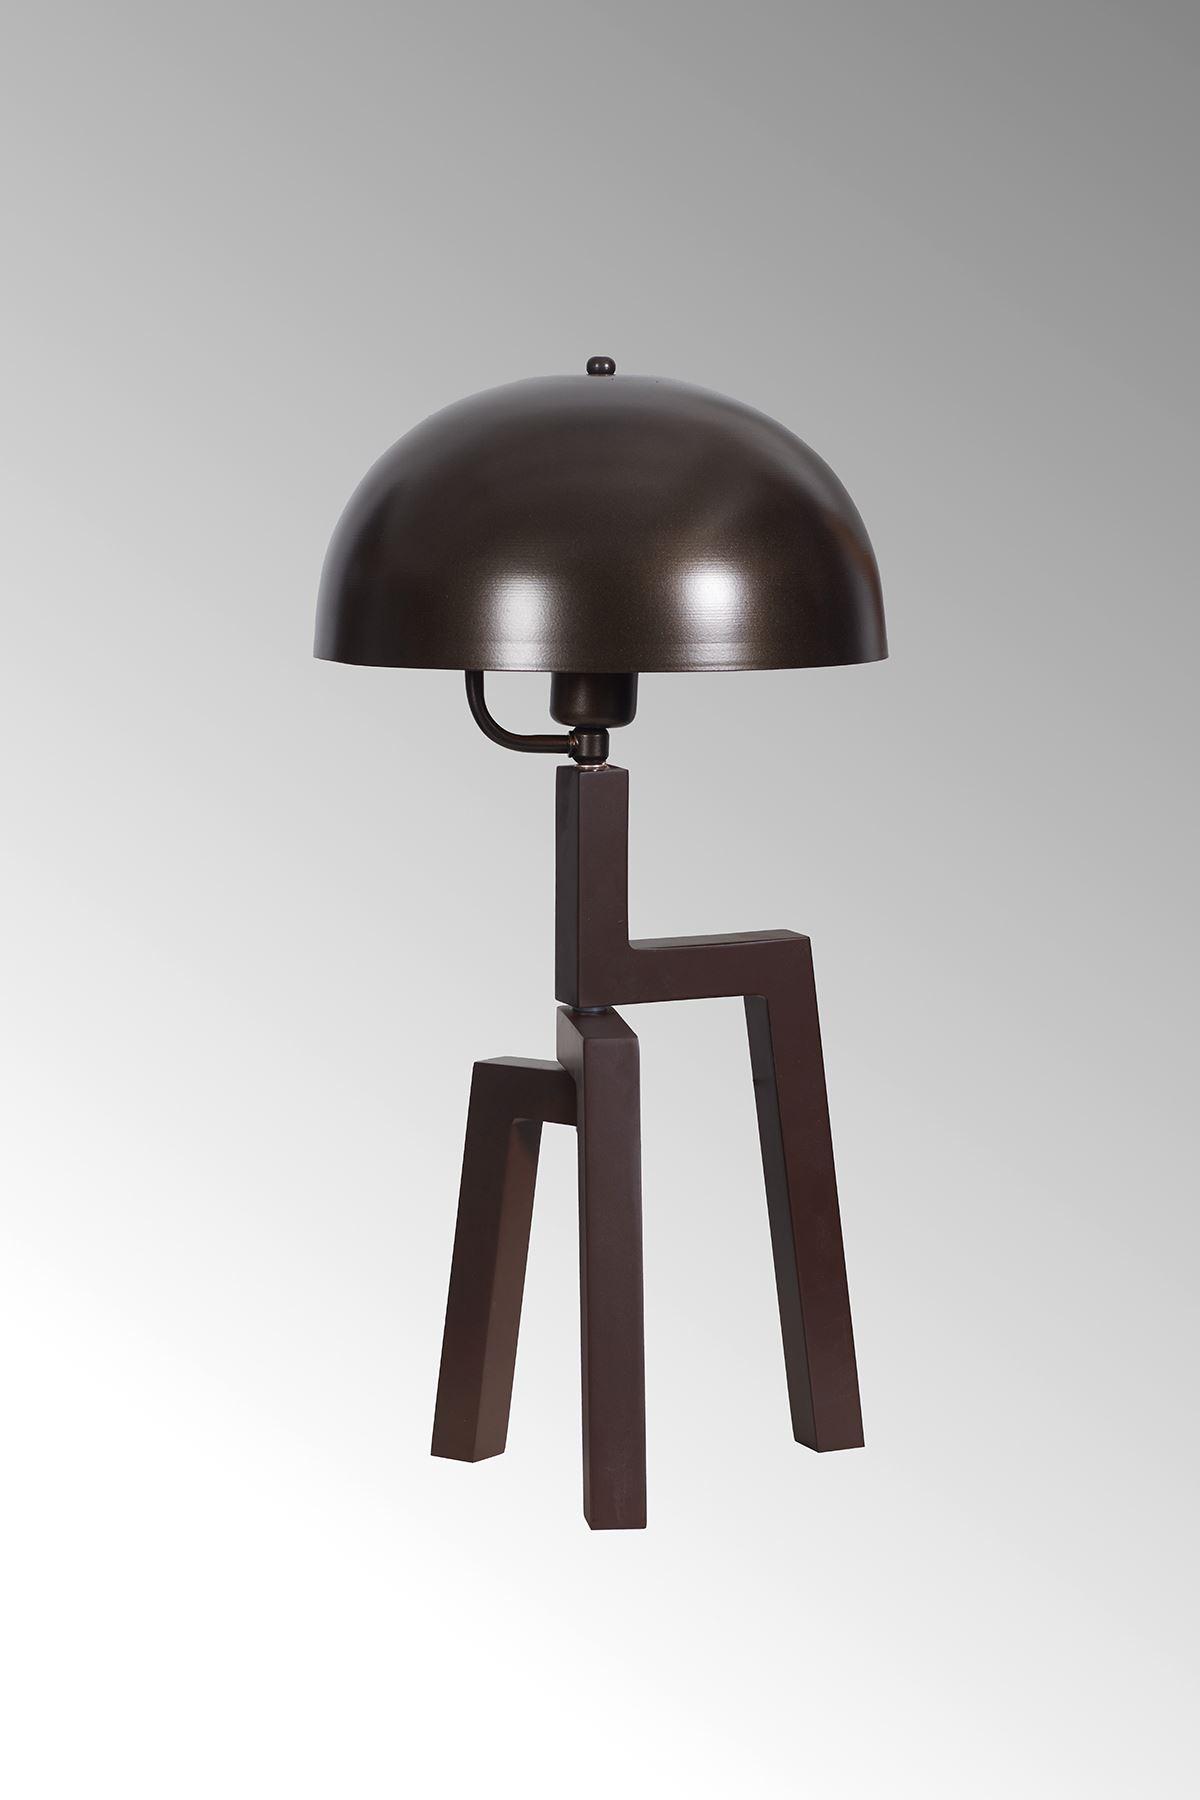 Viyana Kahverengi Ahşap Gövde Eskitme Başlık Tasarım Lüx Masa Lambası